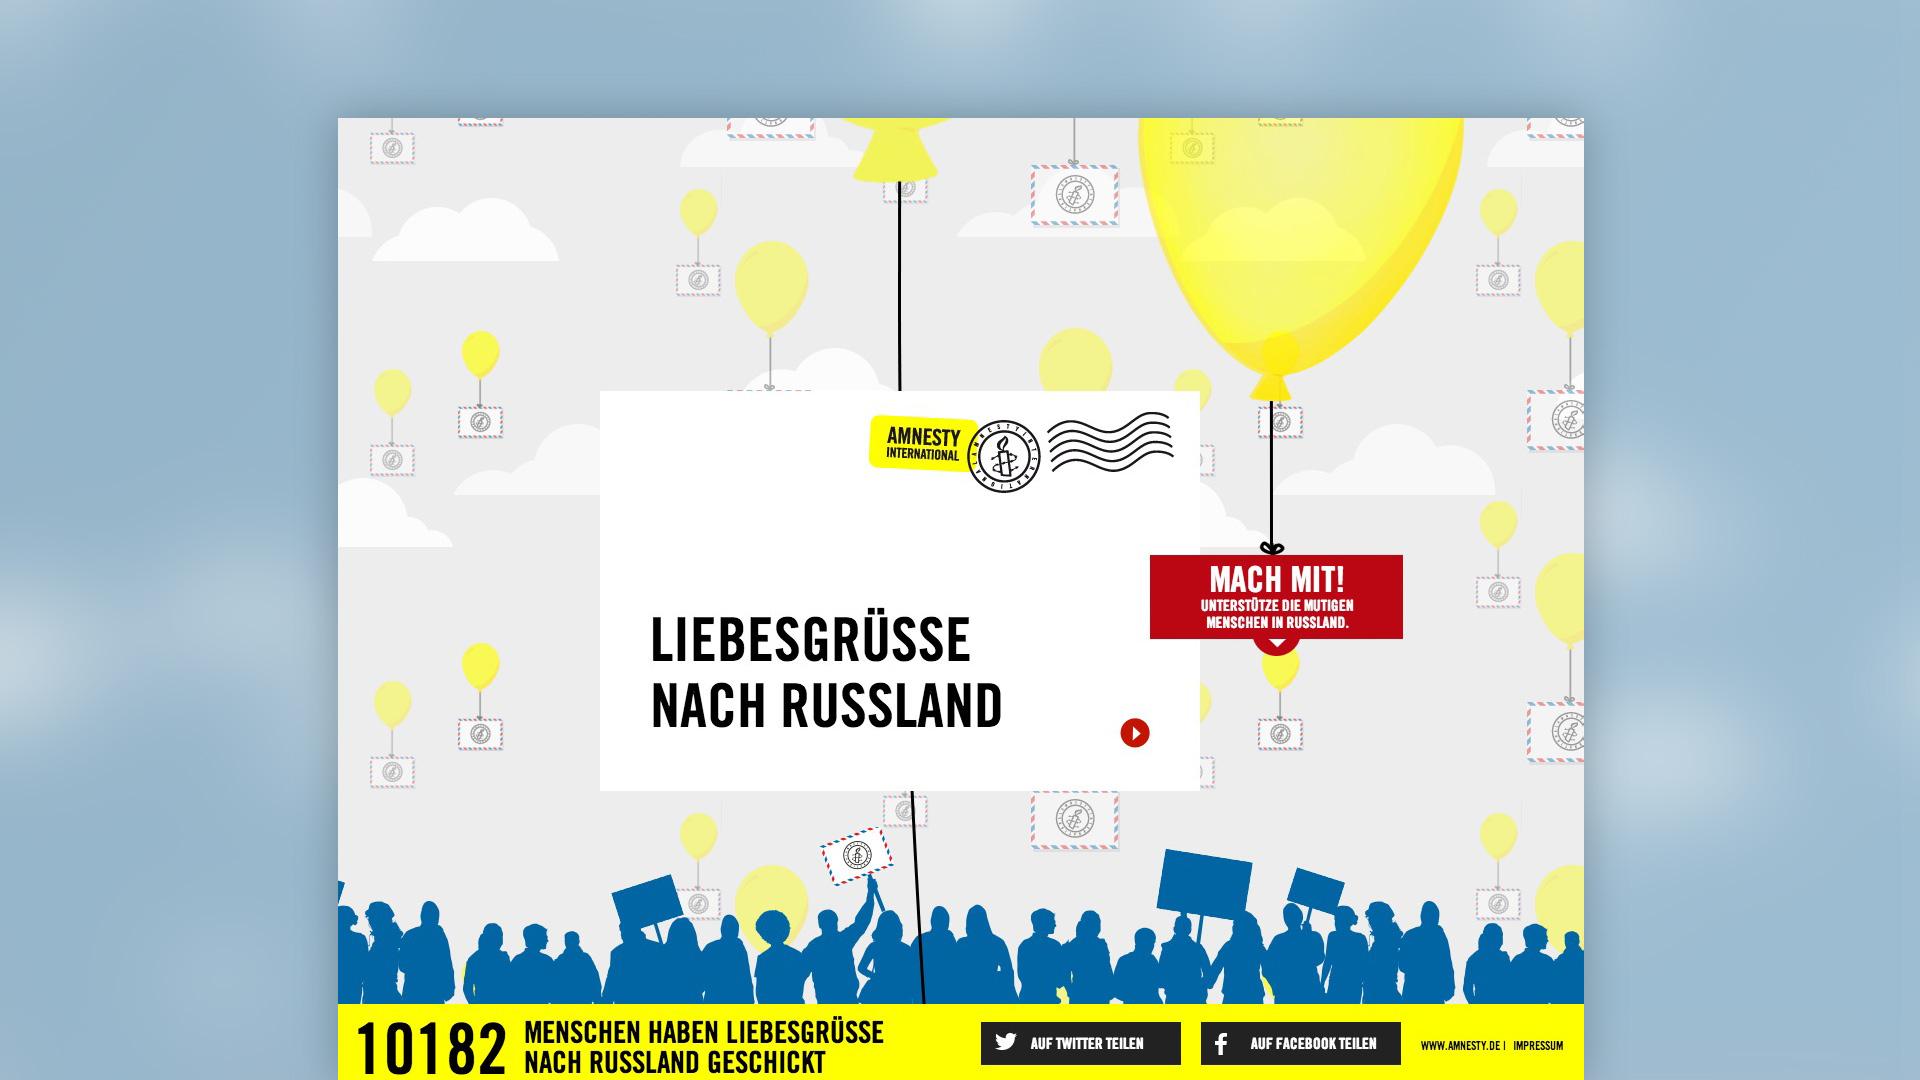 Kampagnen Startseite mit Luftpostanimation